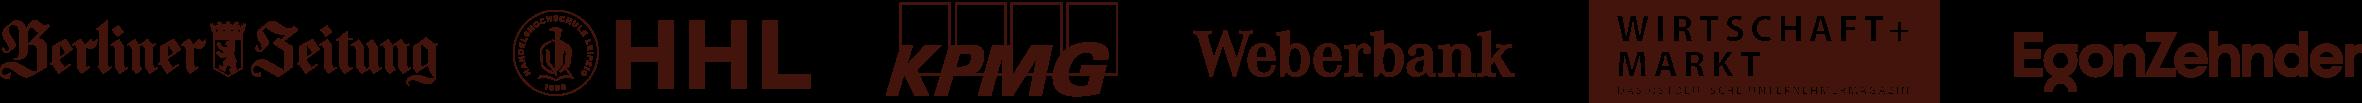 VBKI Logoleiste braun